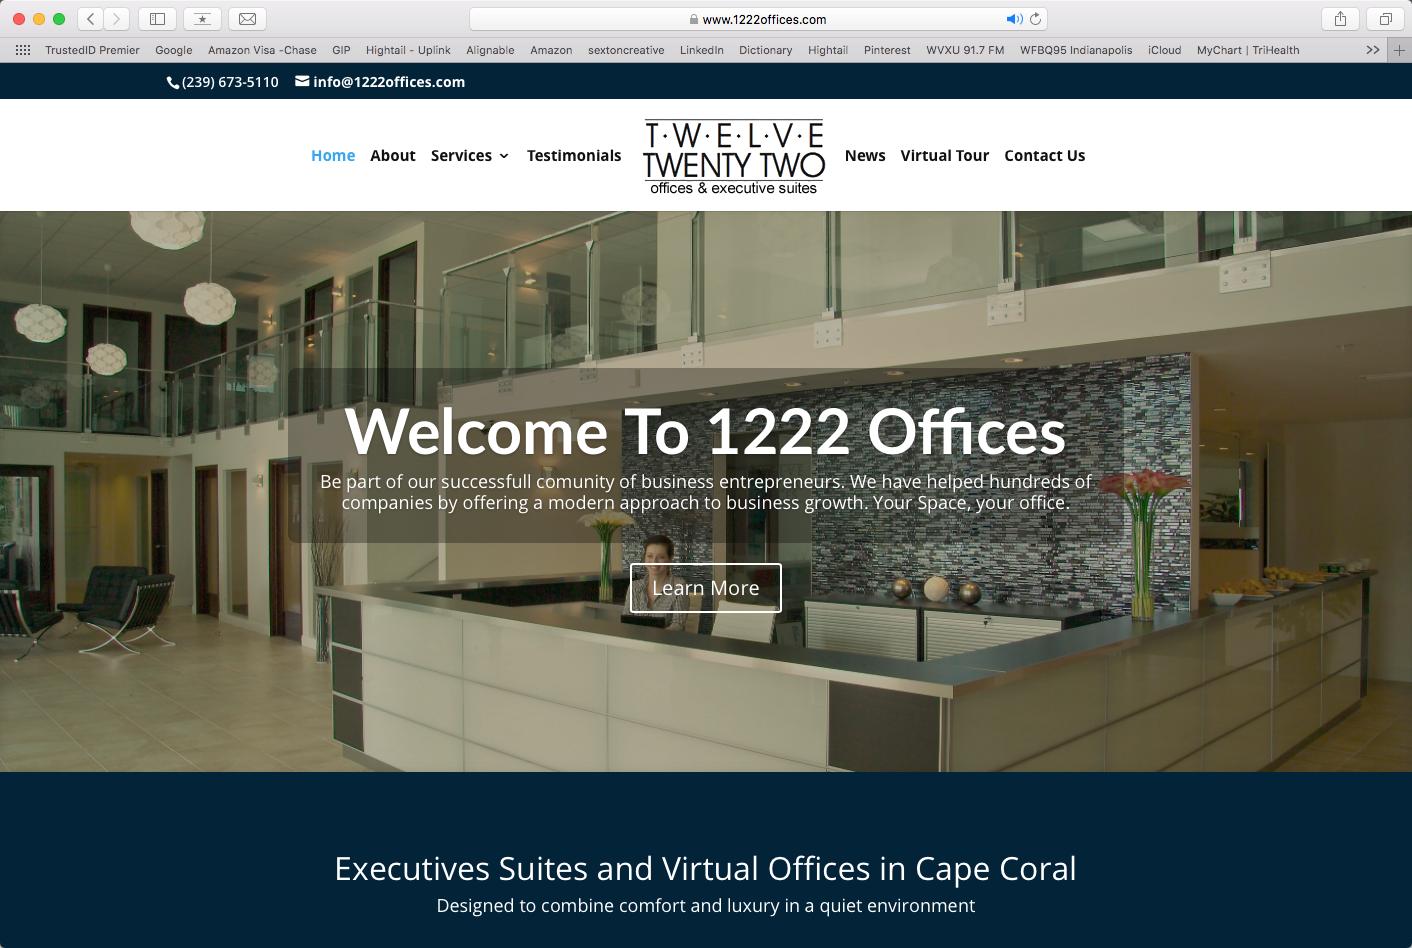 Twelve Twenty Two Offices